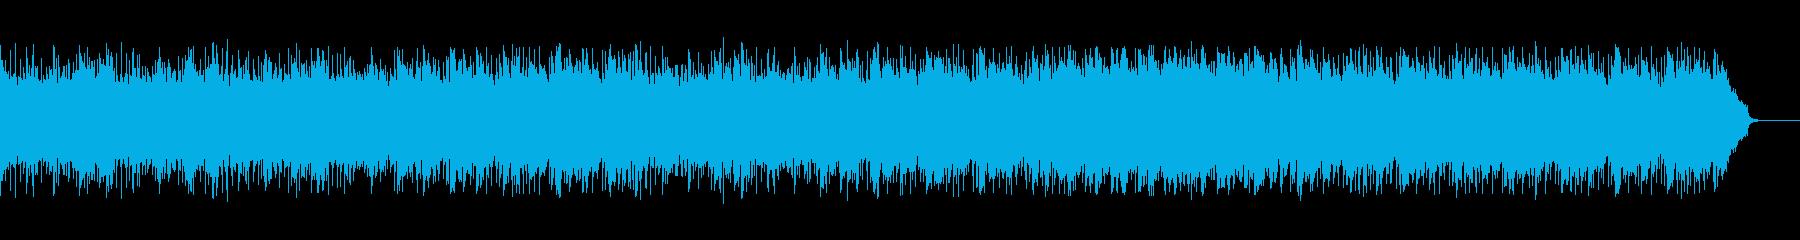 アコースティックセンチメンタル#38−1の再生済みの波形